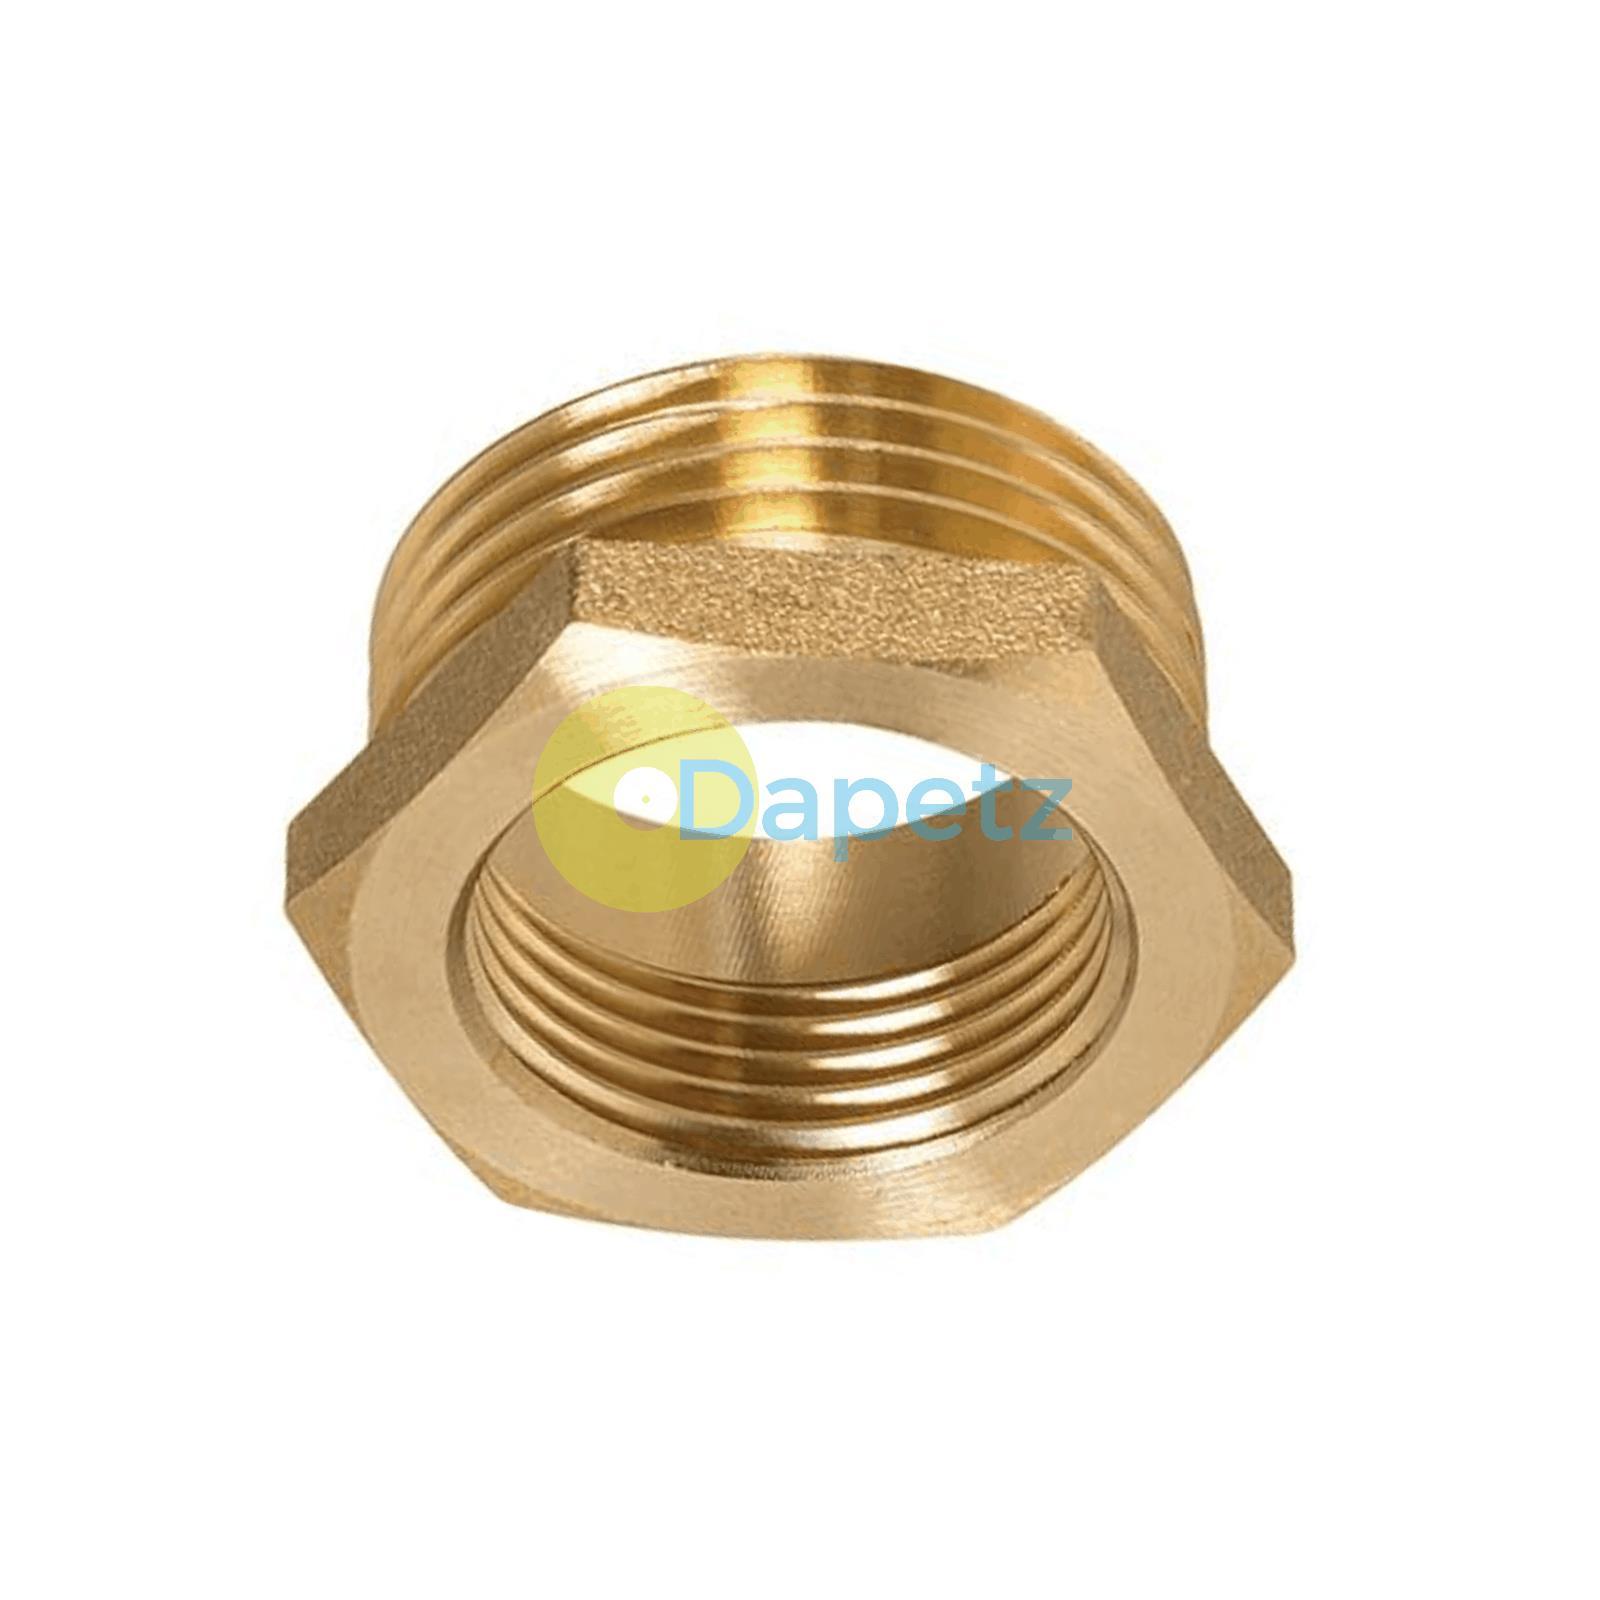 Brass-Reducing-Hexagone-Bush-BSP-Male-a-Femelle-Adaptateur-Connecteur-WRAS-approuves miniature 10